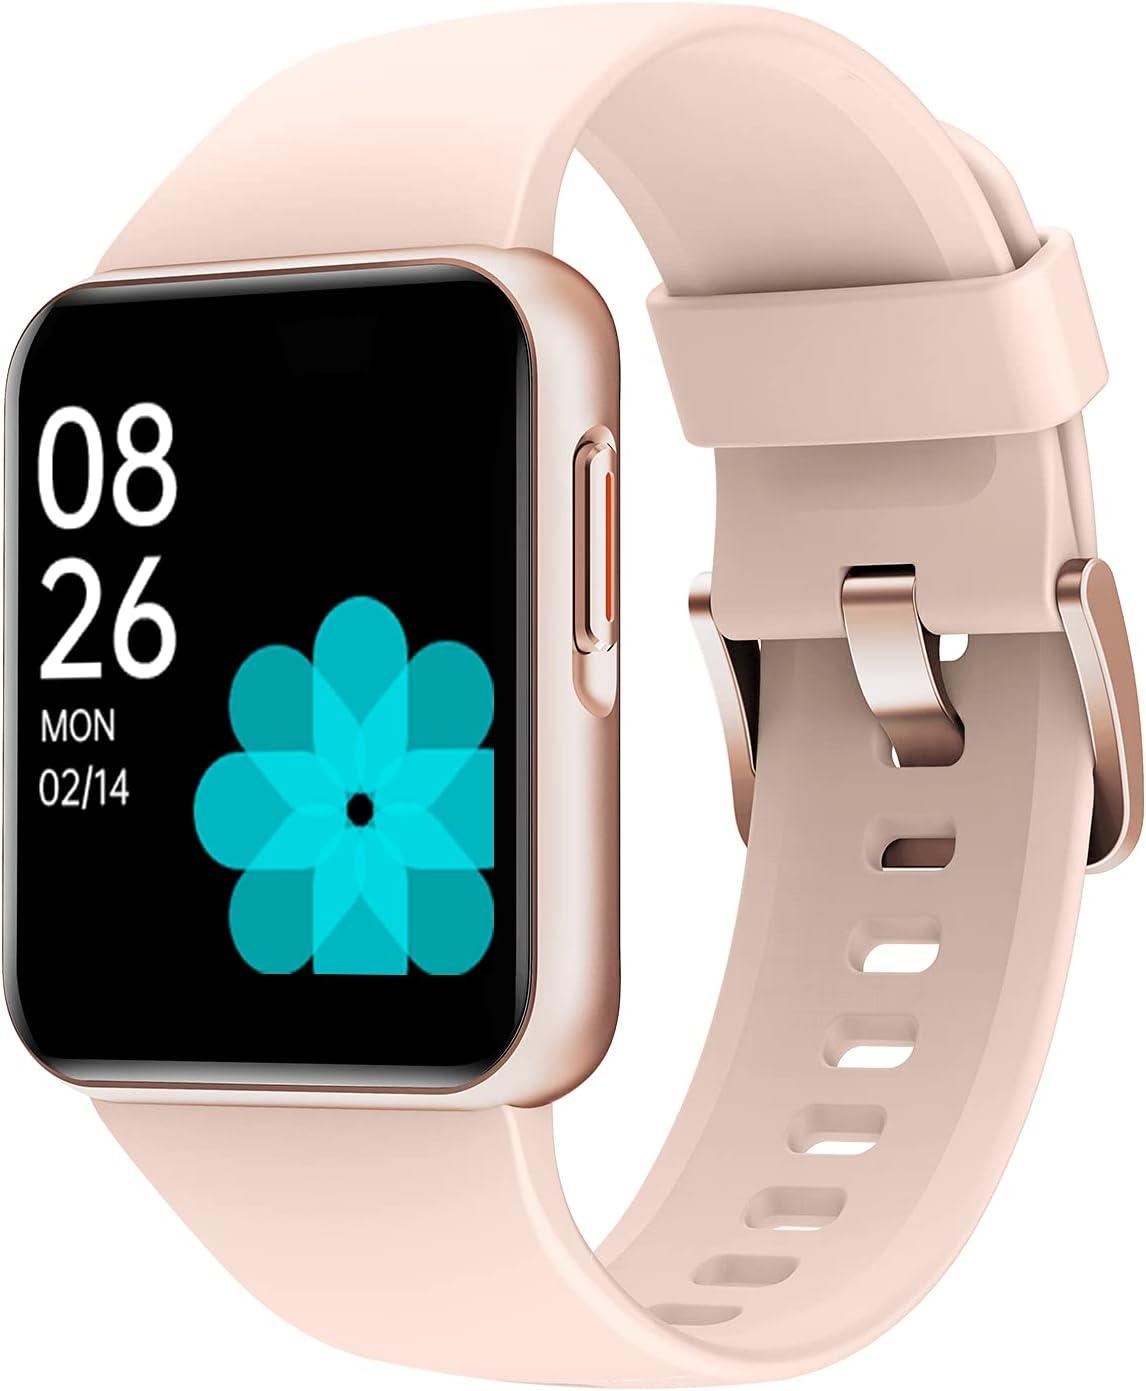 Willful Smart Watch, Reloj Inteligente con 1.46 Pulgadas Táctil Completa IP68 Impermeable, Pulsómetro, Monitor de Sueño, Control de Musica, Pronóstico del Tiempo,Pulsera Actividad para Mujer Hombre